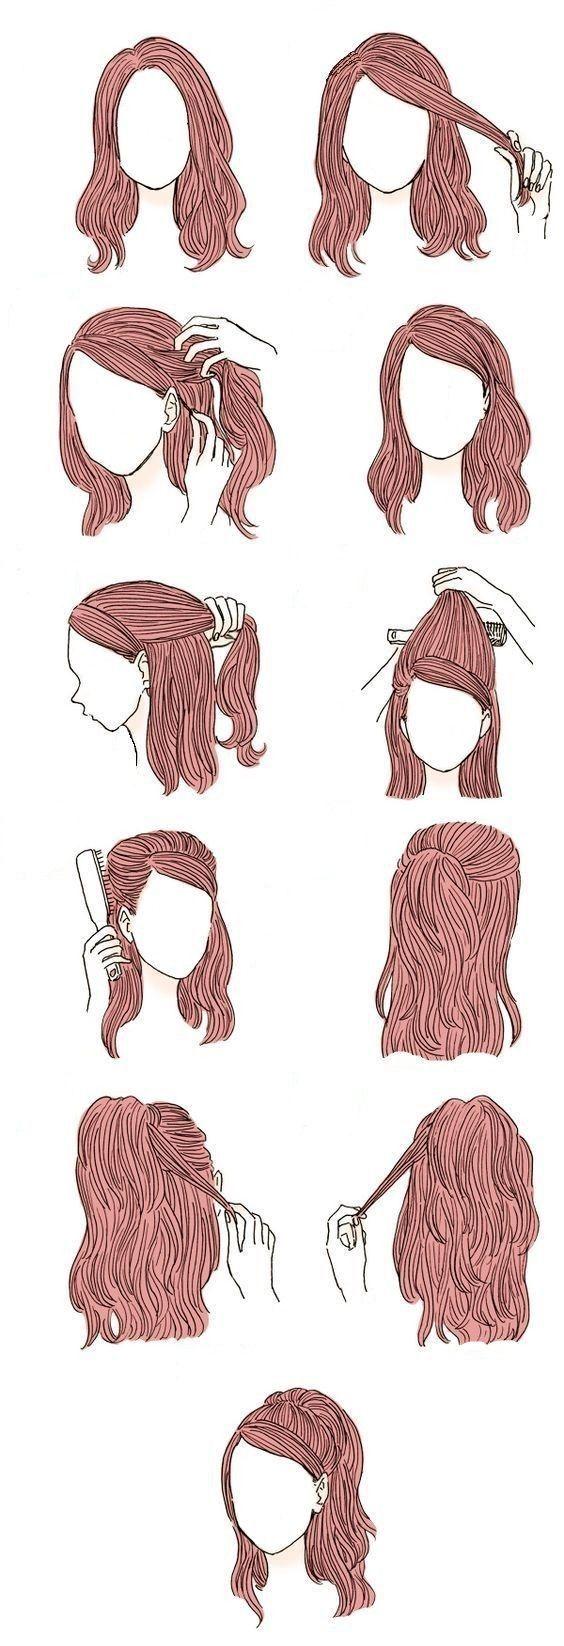 Frisur für die Schule - Frisuren Ideen - #Die #Frisur #Frisuren #fr #Ideen #Schule